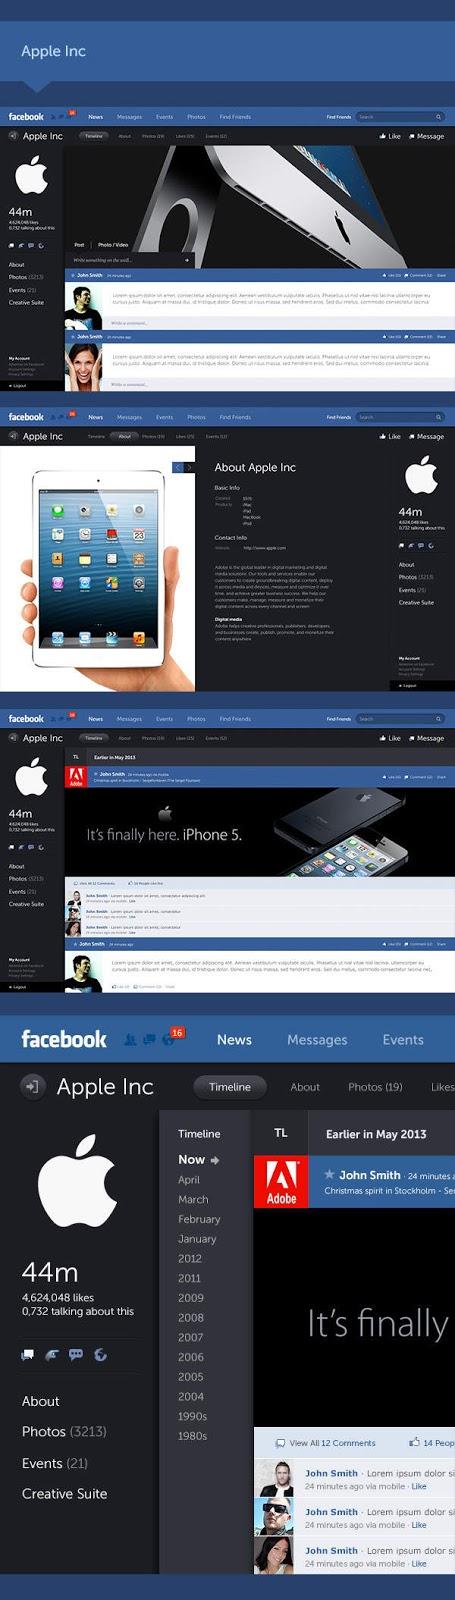 facebook, tampilan facebook, tampilan baru facebook, facebook baru